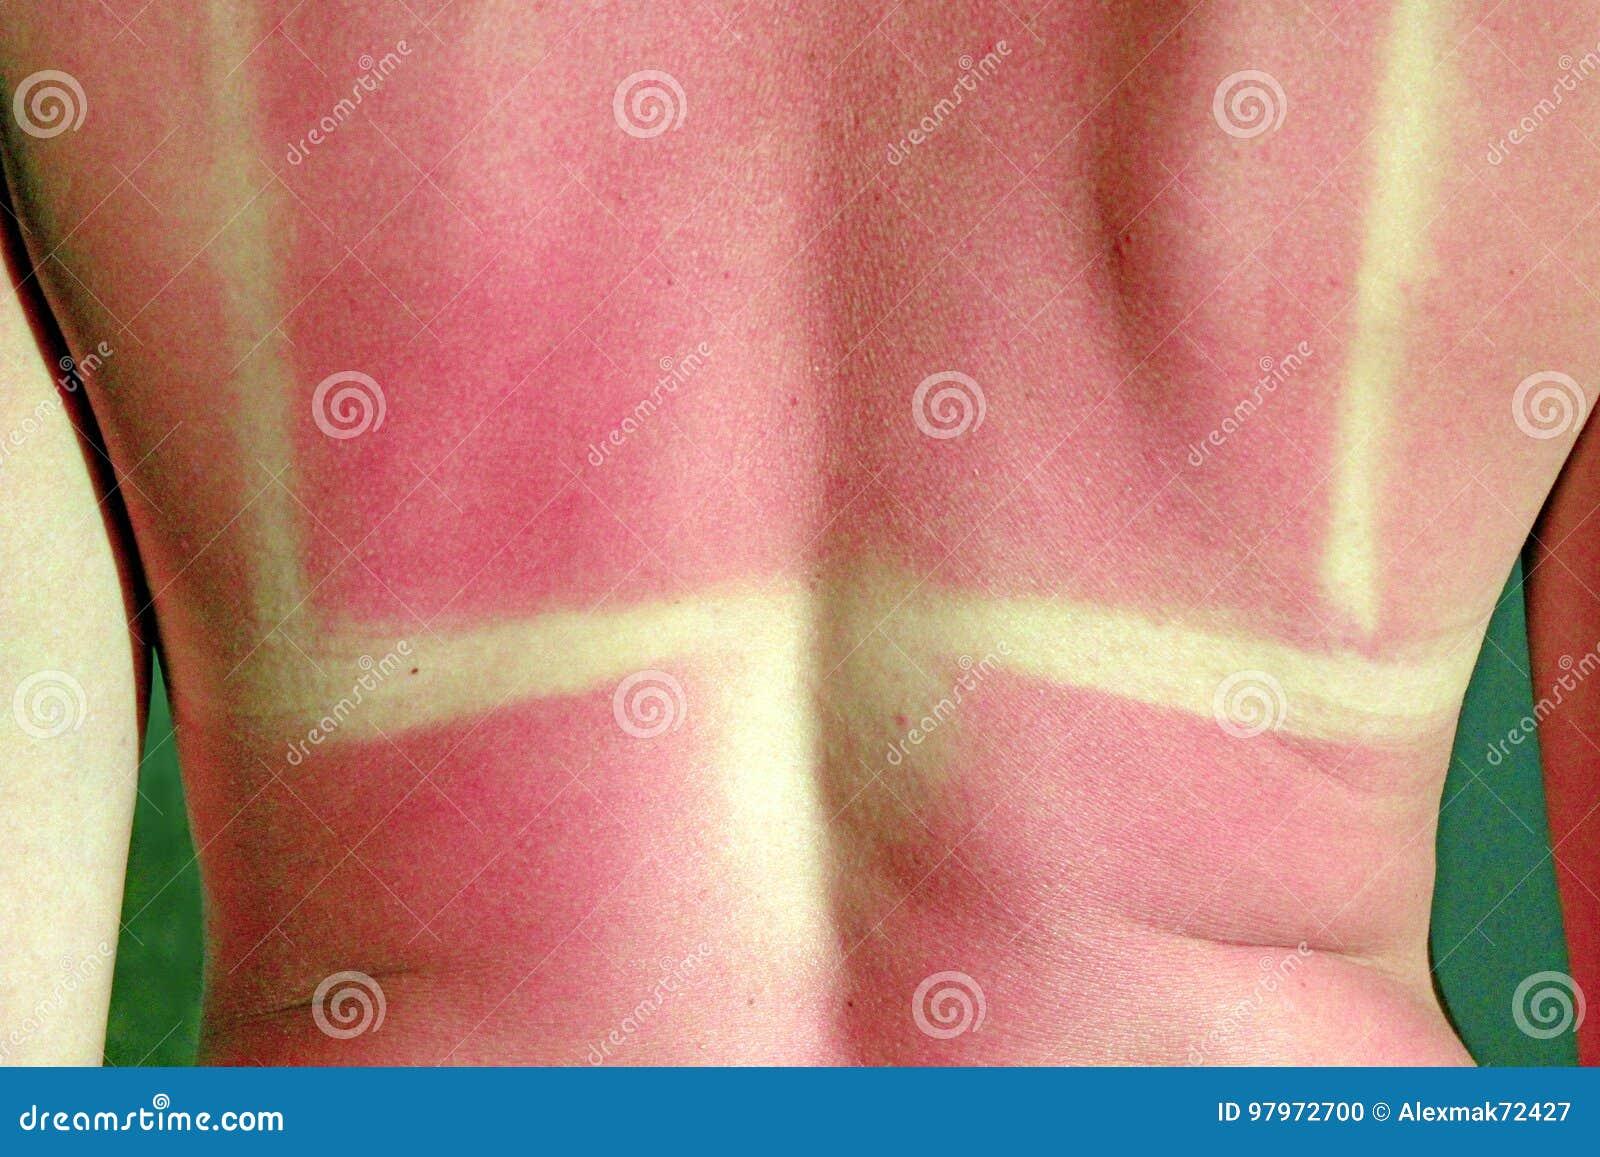 Ustione causata dal sole sul corpo